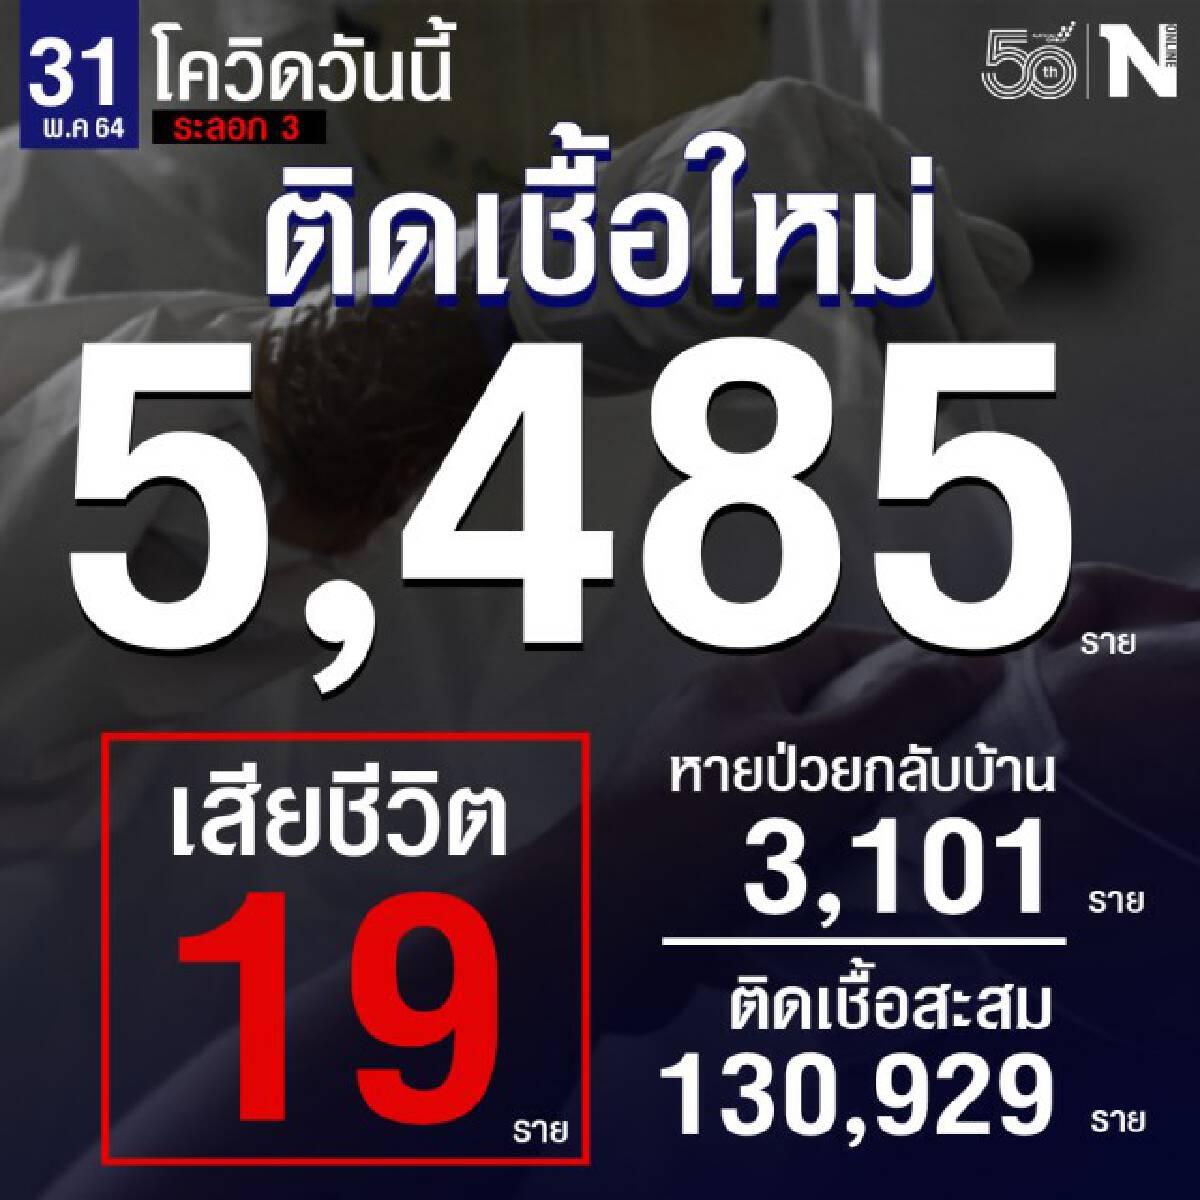 ศบค.เผยผู้ติดเชื้อรายใหม่ 5,485 ราย เสียชีวิต 19 ราย